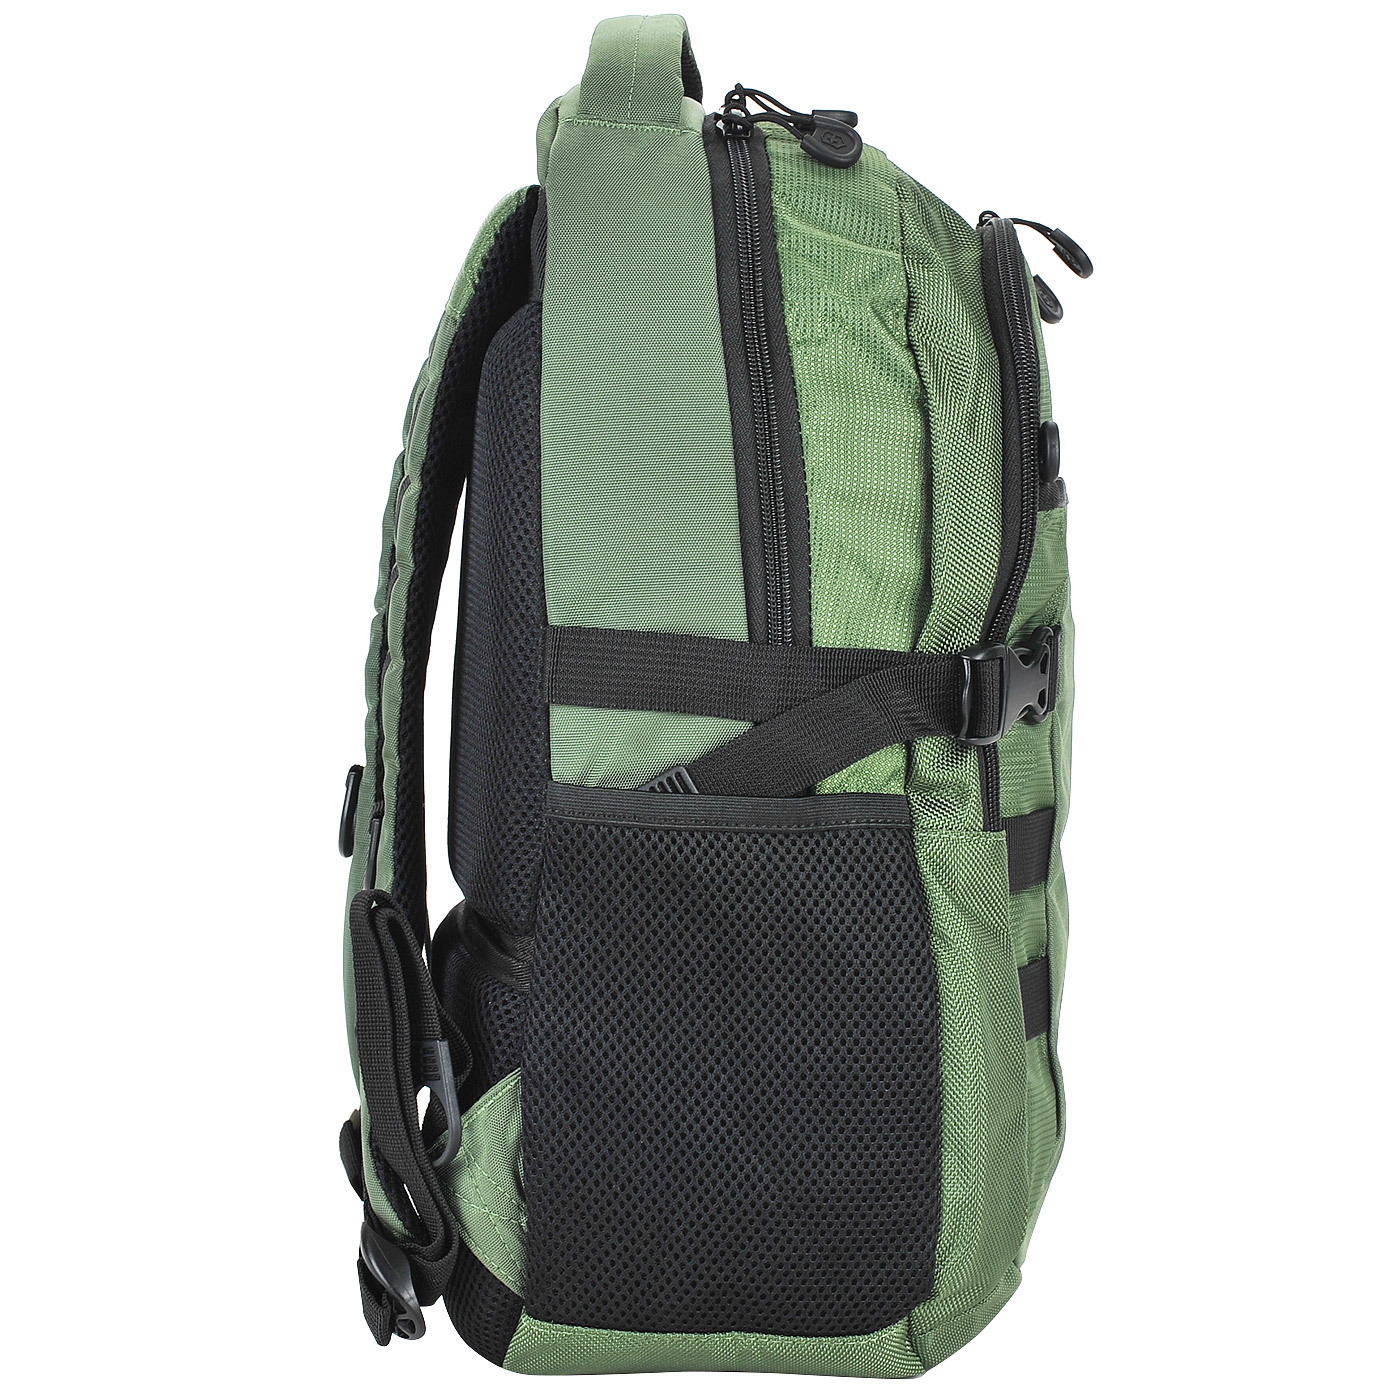 Городской швейцарский рюкзак Victorinox VX Sport Cadet, цвет зелёный, 46х33x18 см., 20 л. (31105006)